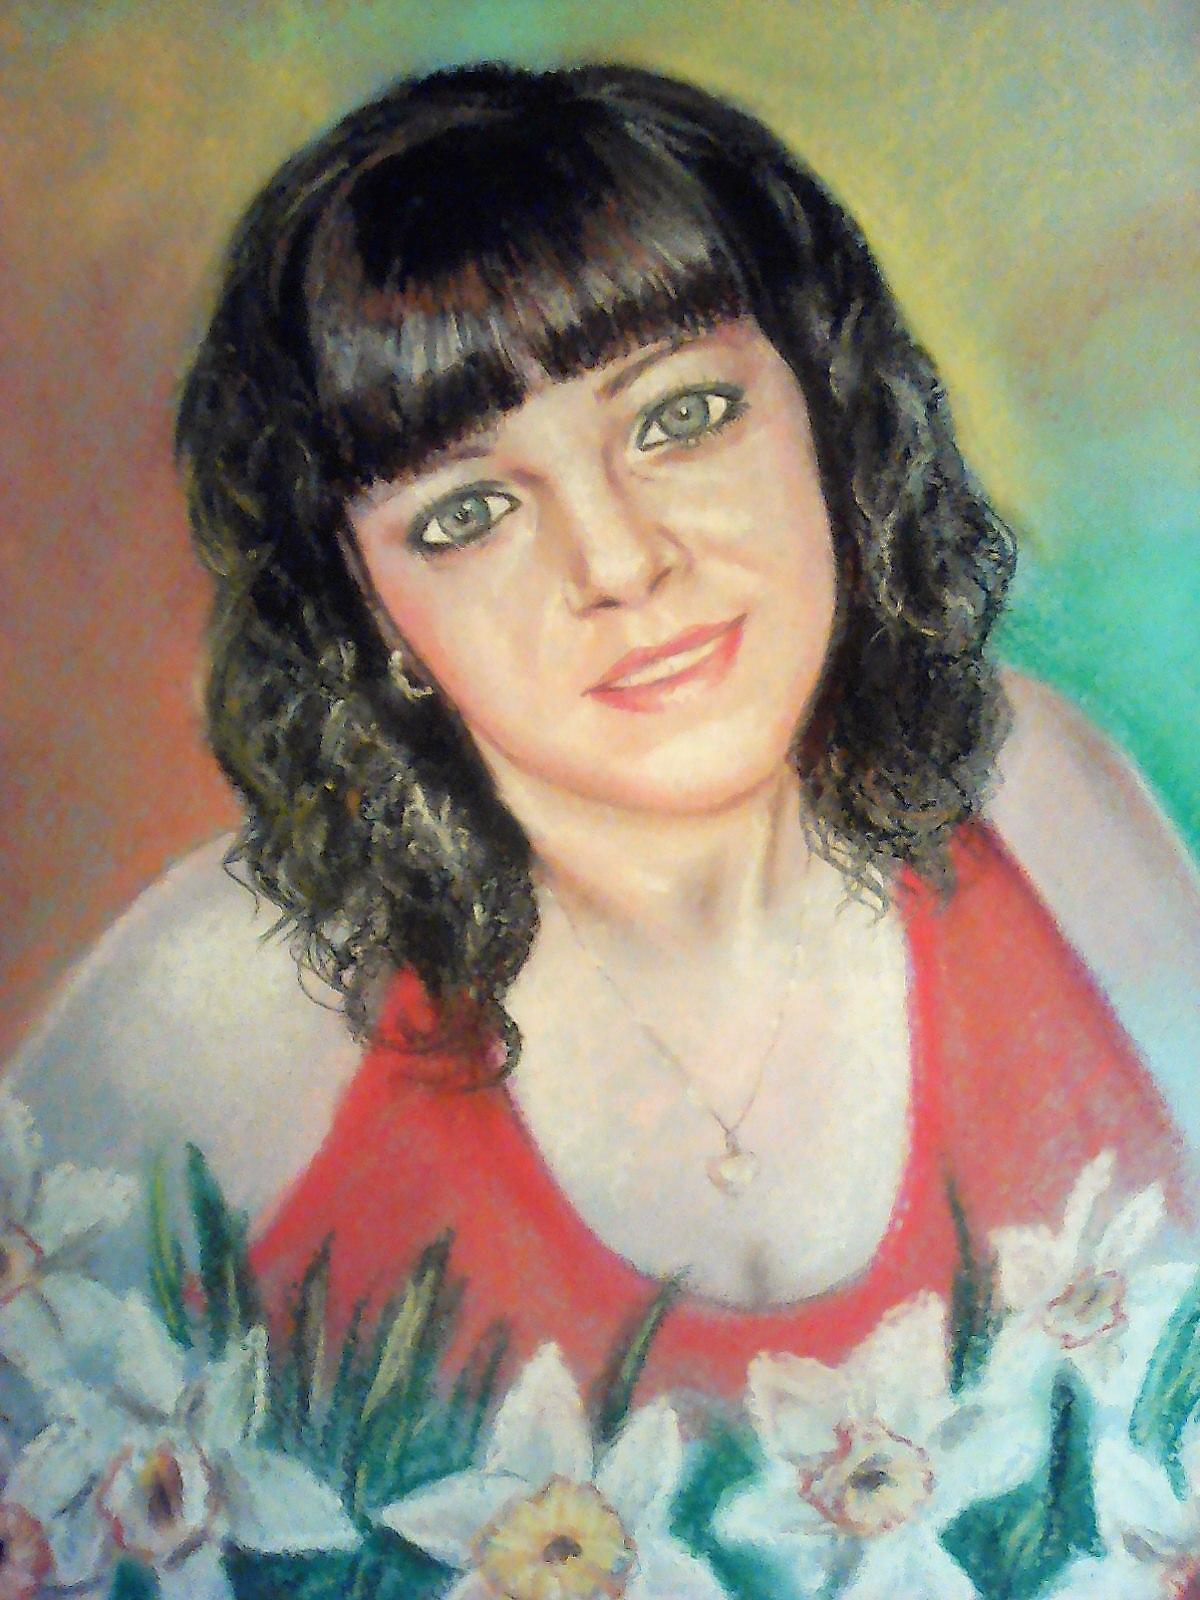 Изготовление качественных художественных портретов на заказ с фото (карандашом, углем,сепией, Пастелью на бумаге, масляными красками на холсте)Для ценителей искусства и в качестве хорошего подарка на долгую память своим близким и родным людям!